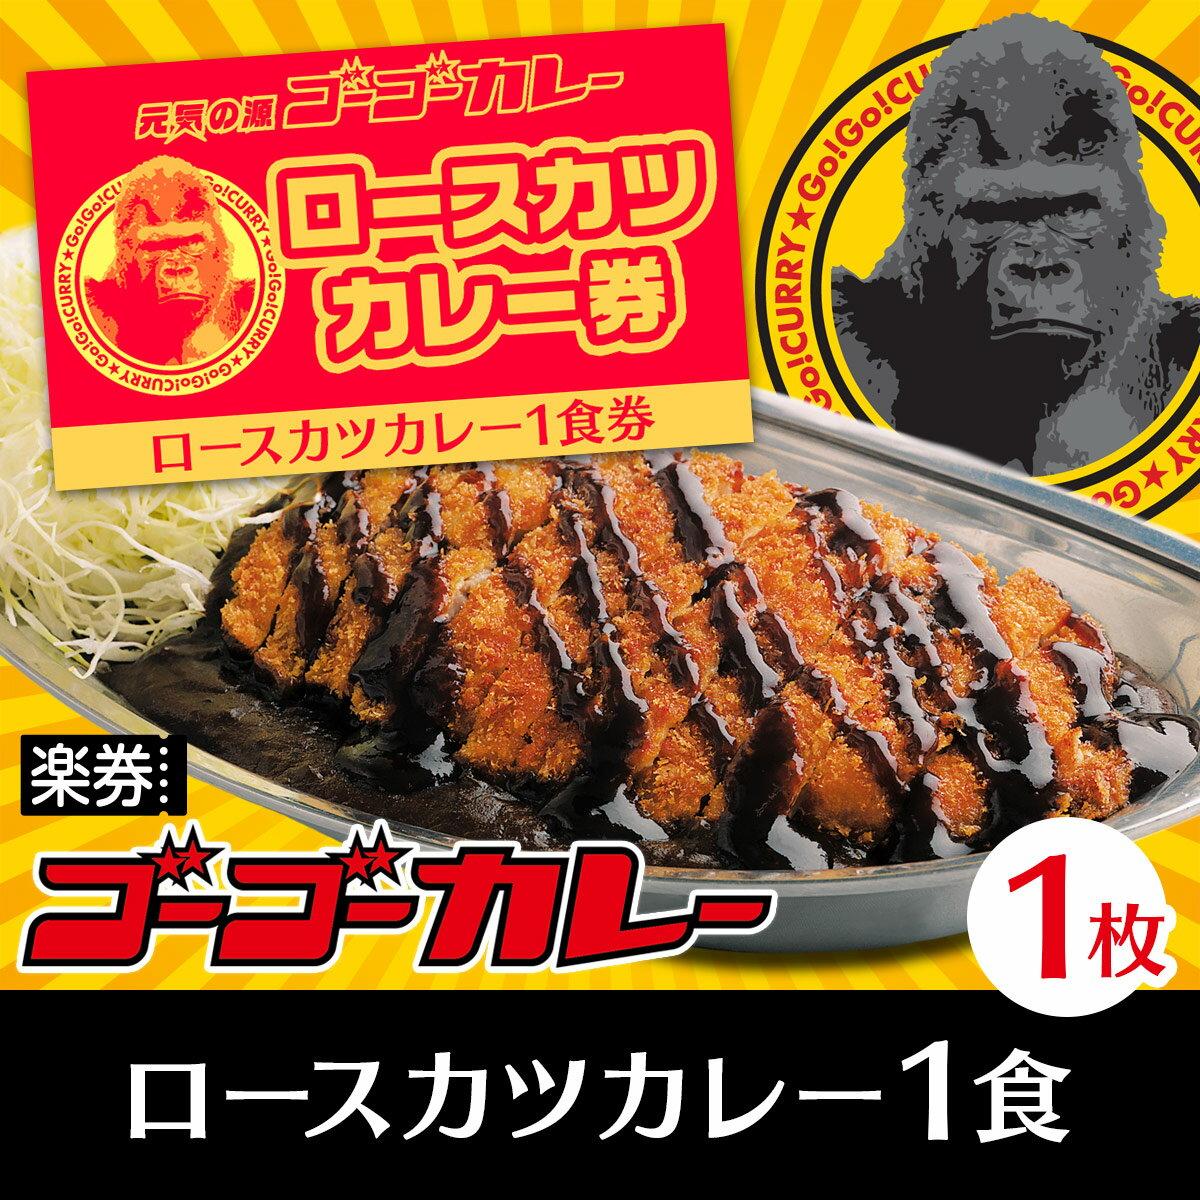 【楽券】 ゴーゴーカレー ロースカツカレー 1食...の商品画像